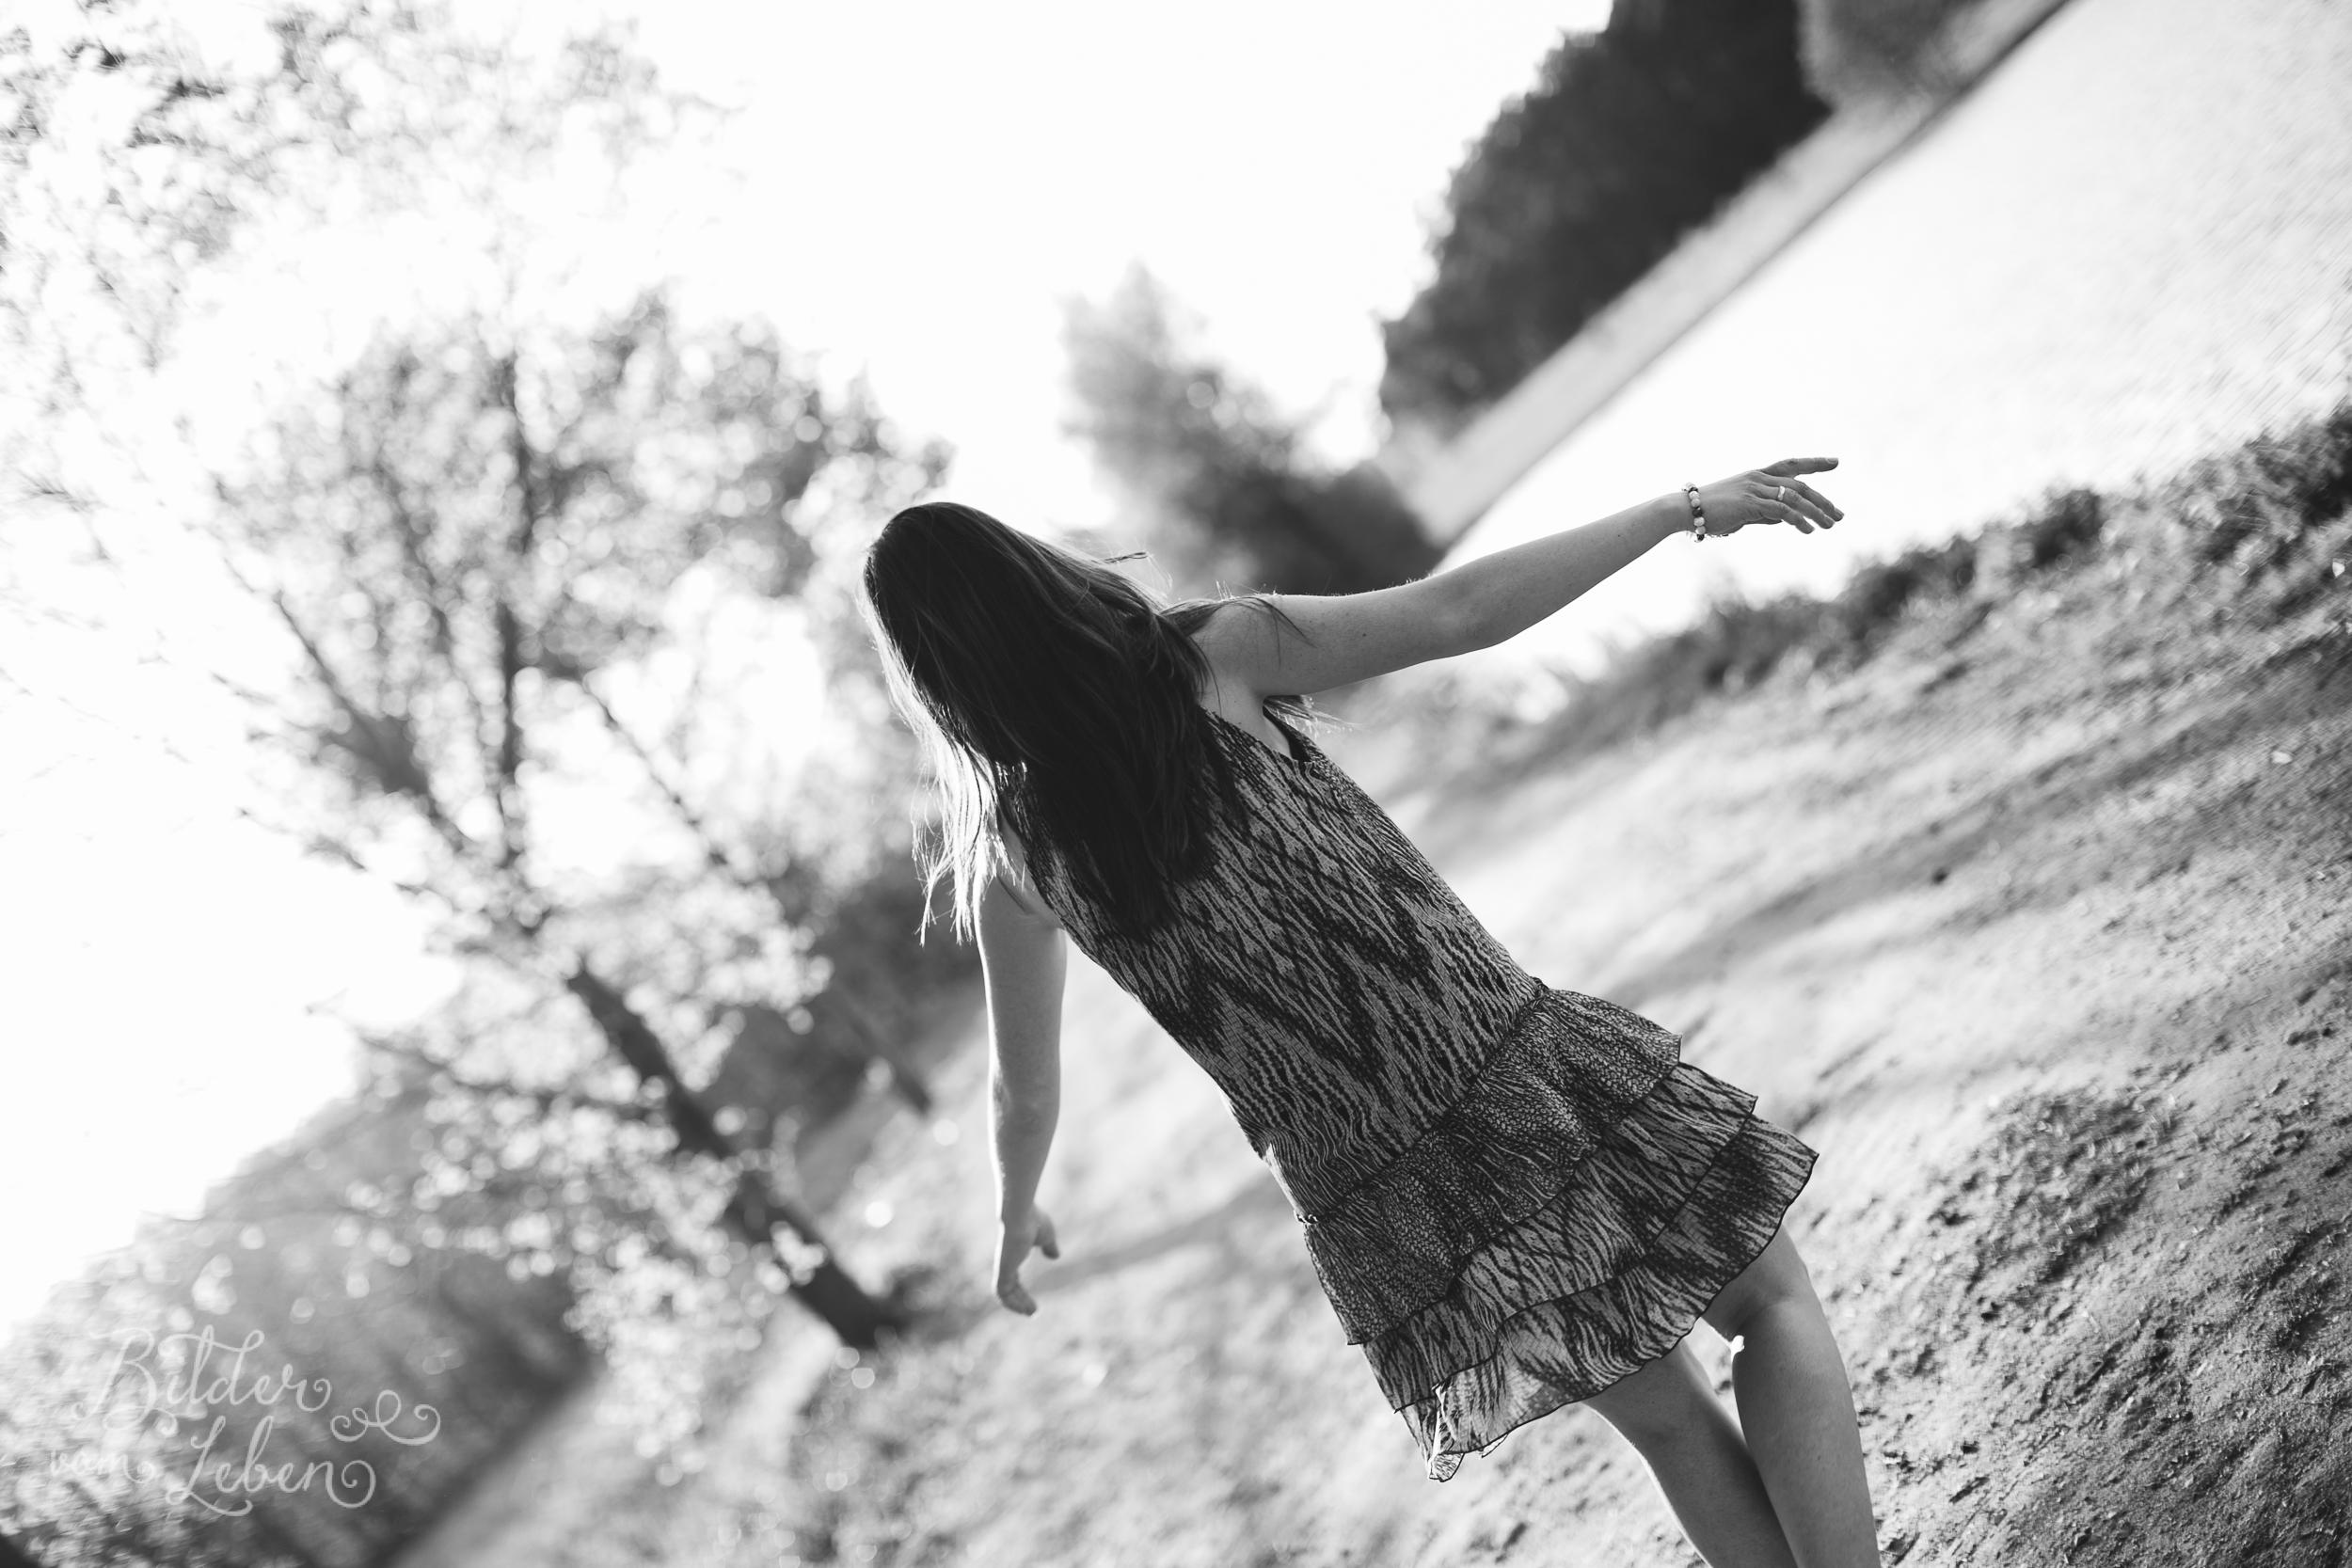 BildervomLeben-Fotografie-Christina-Heinig-Portraits-Gegenlicht-Susanne-2016-5790